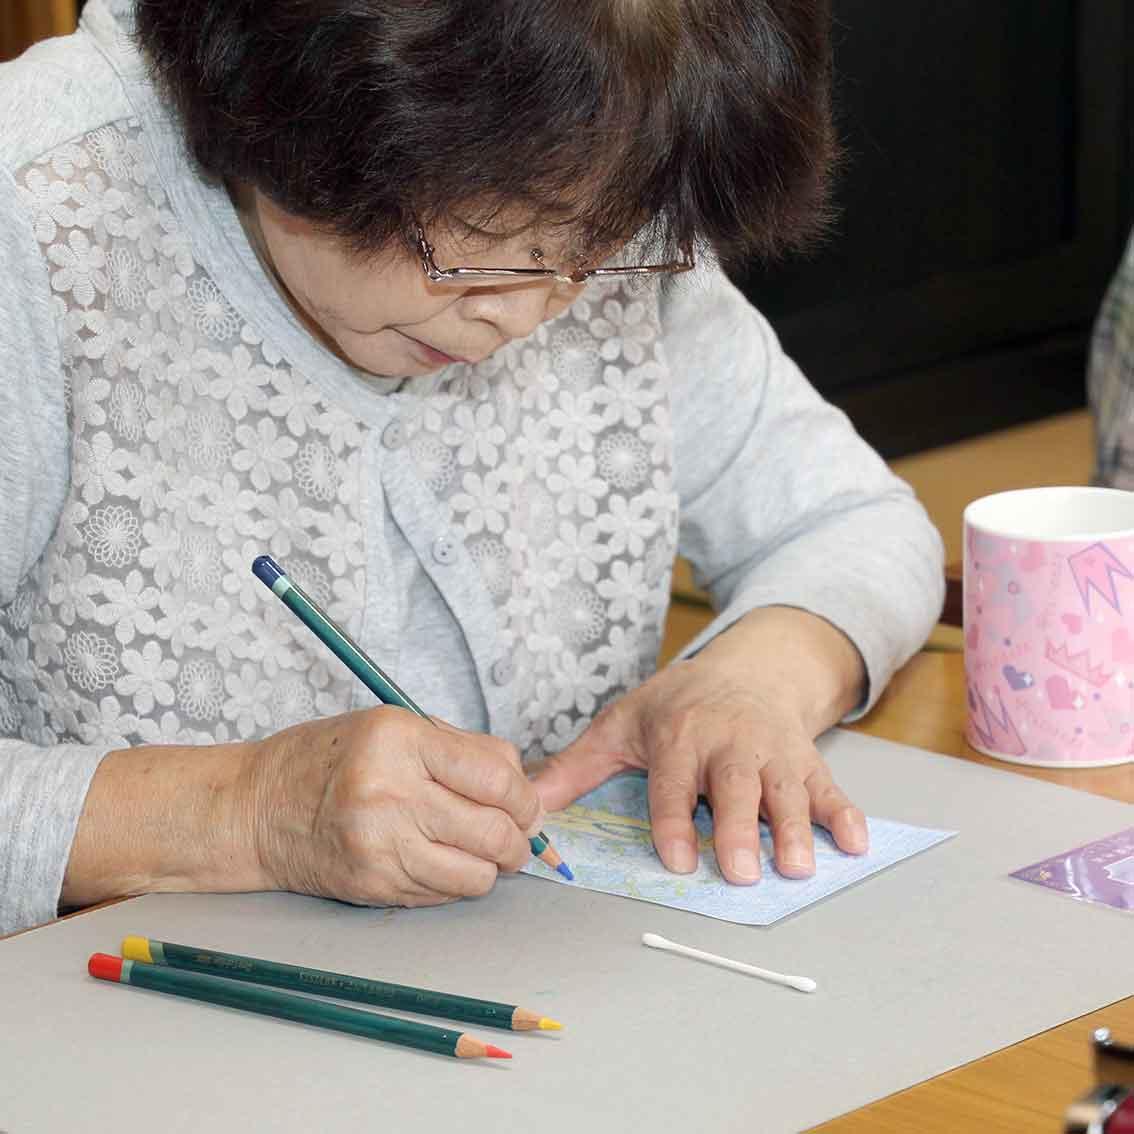 ぬり絵に集中されている由美子さん。